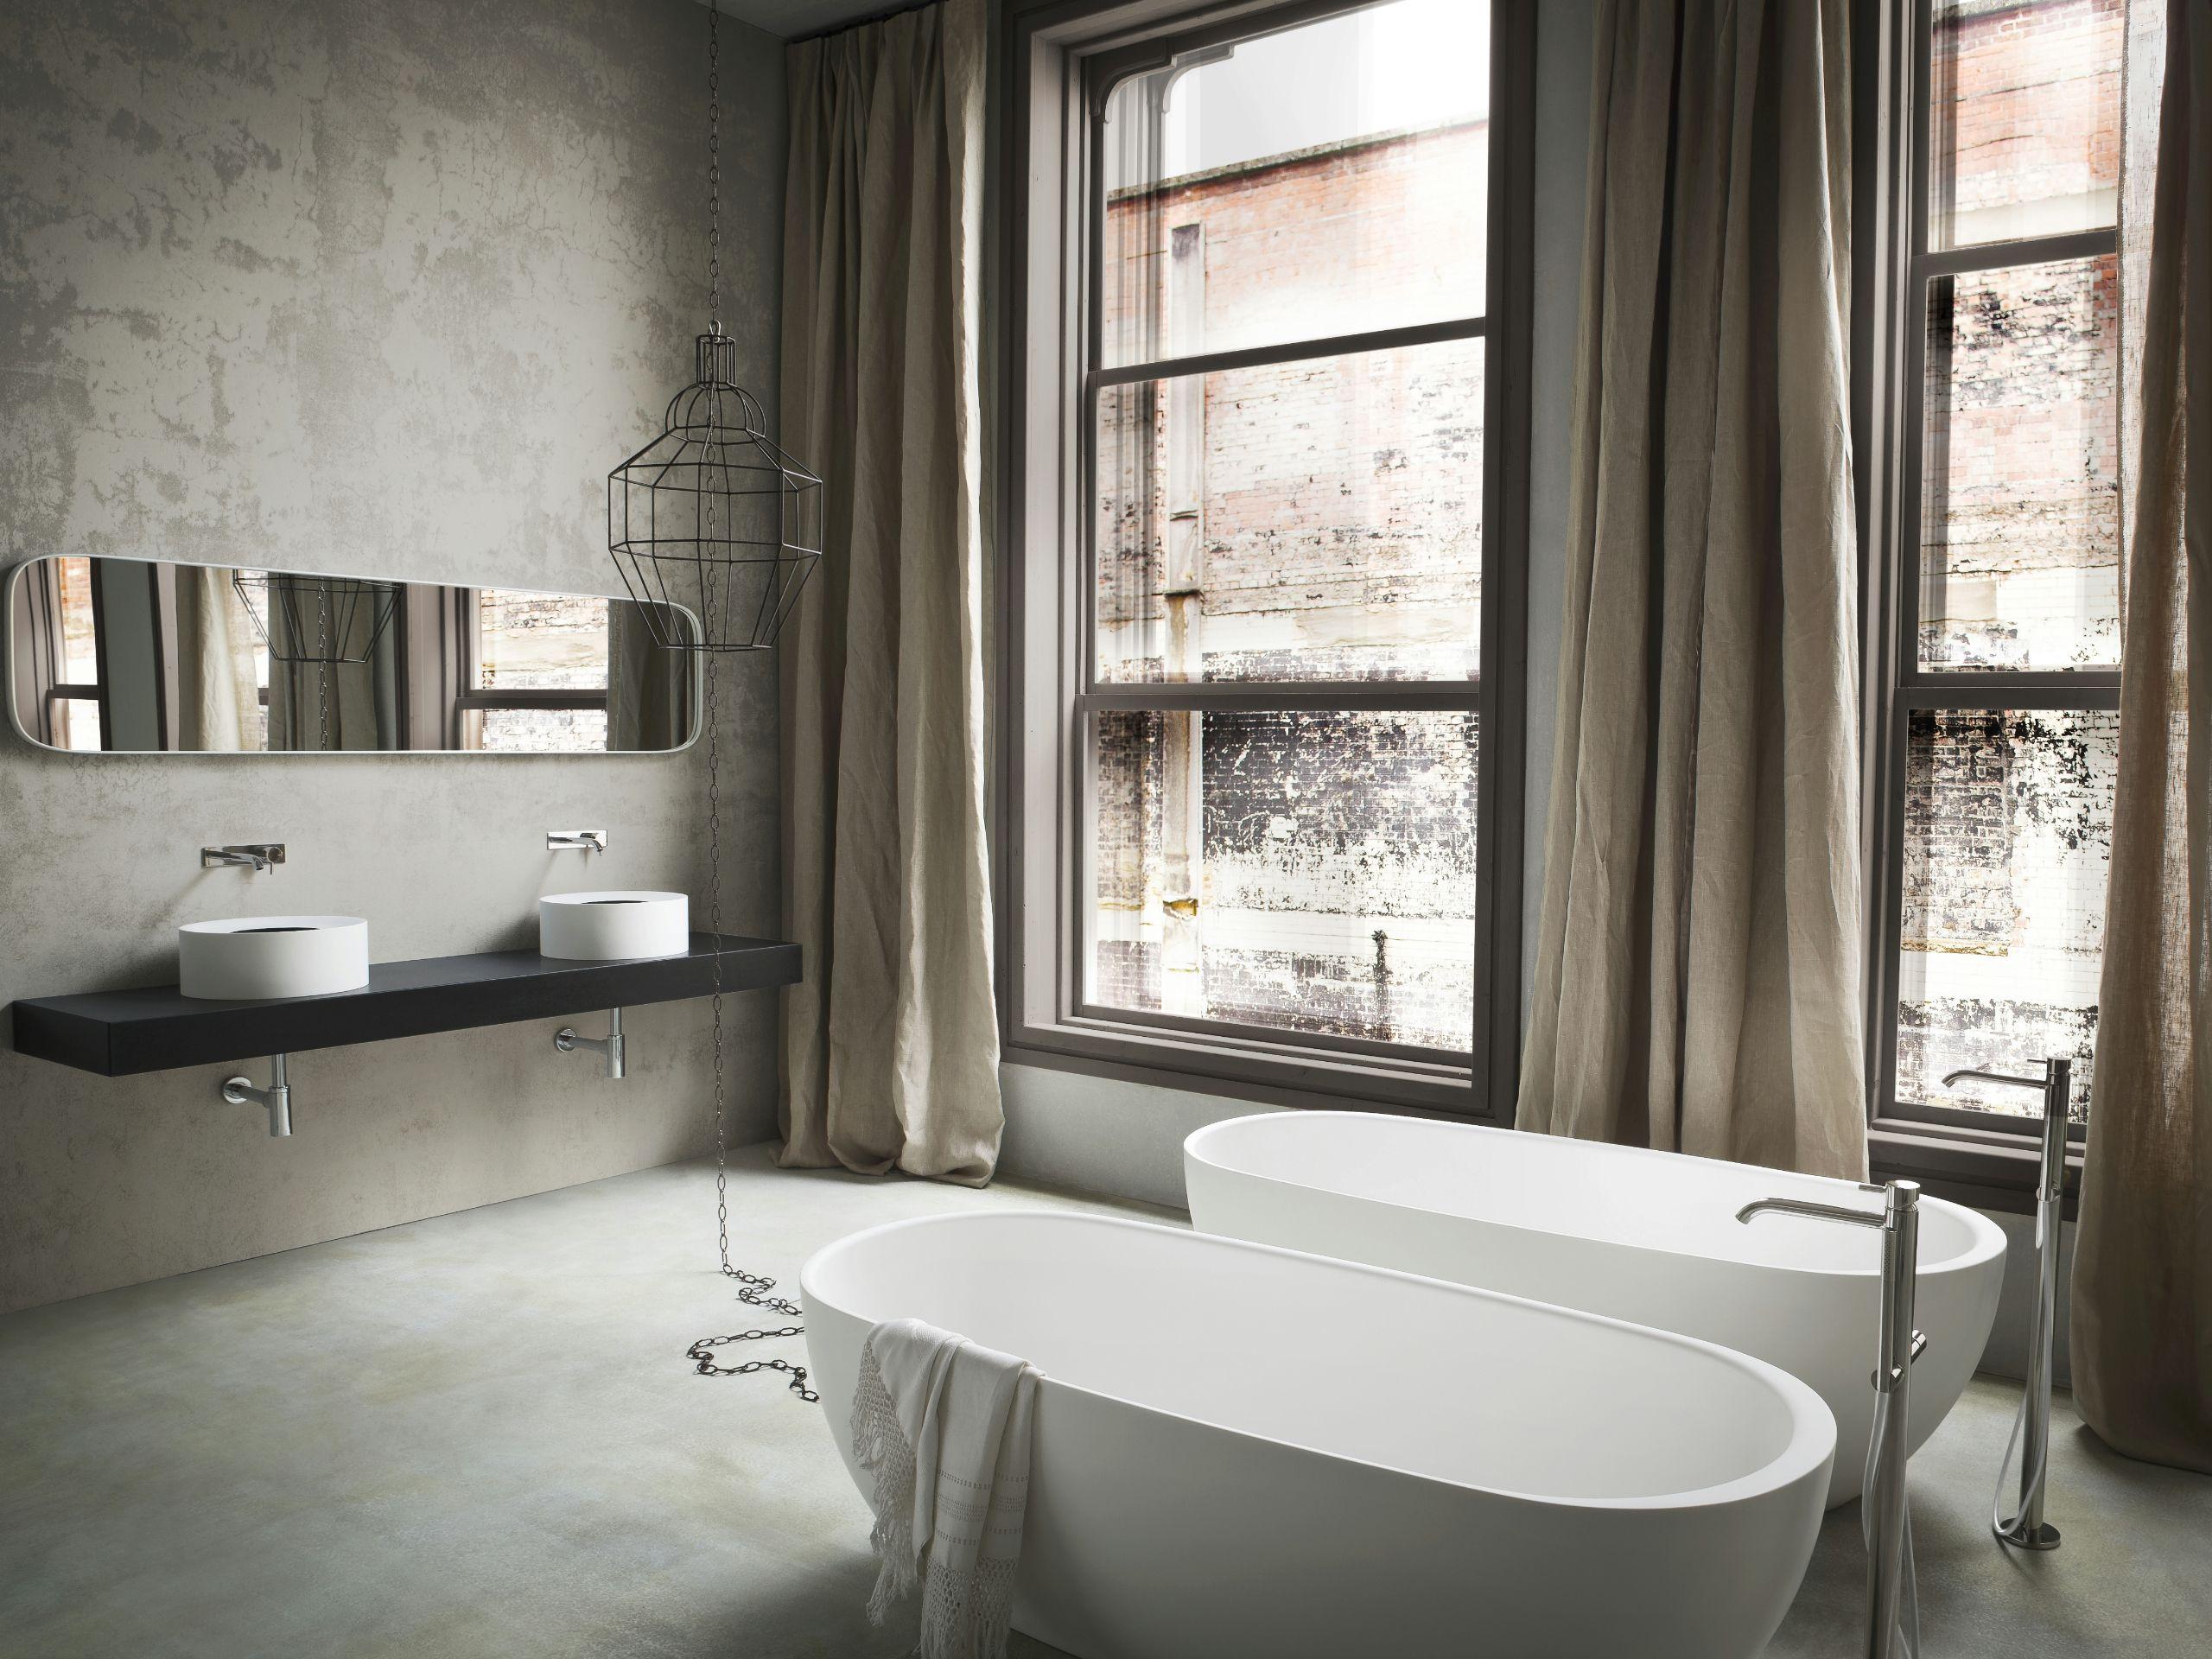 Hole vasca da bagno centro stanza by rexa design design susanna mandelli - Stanza da bagno ...